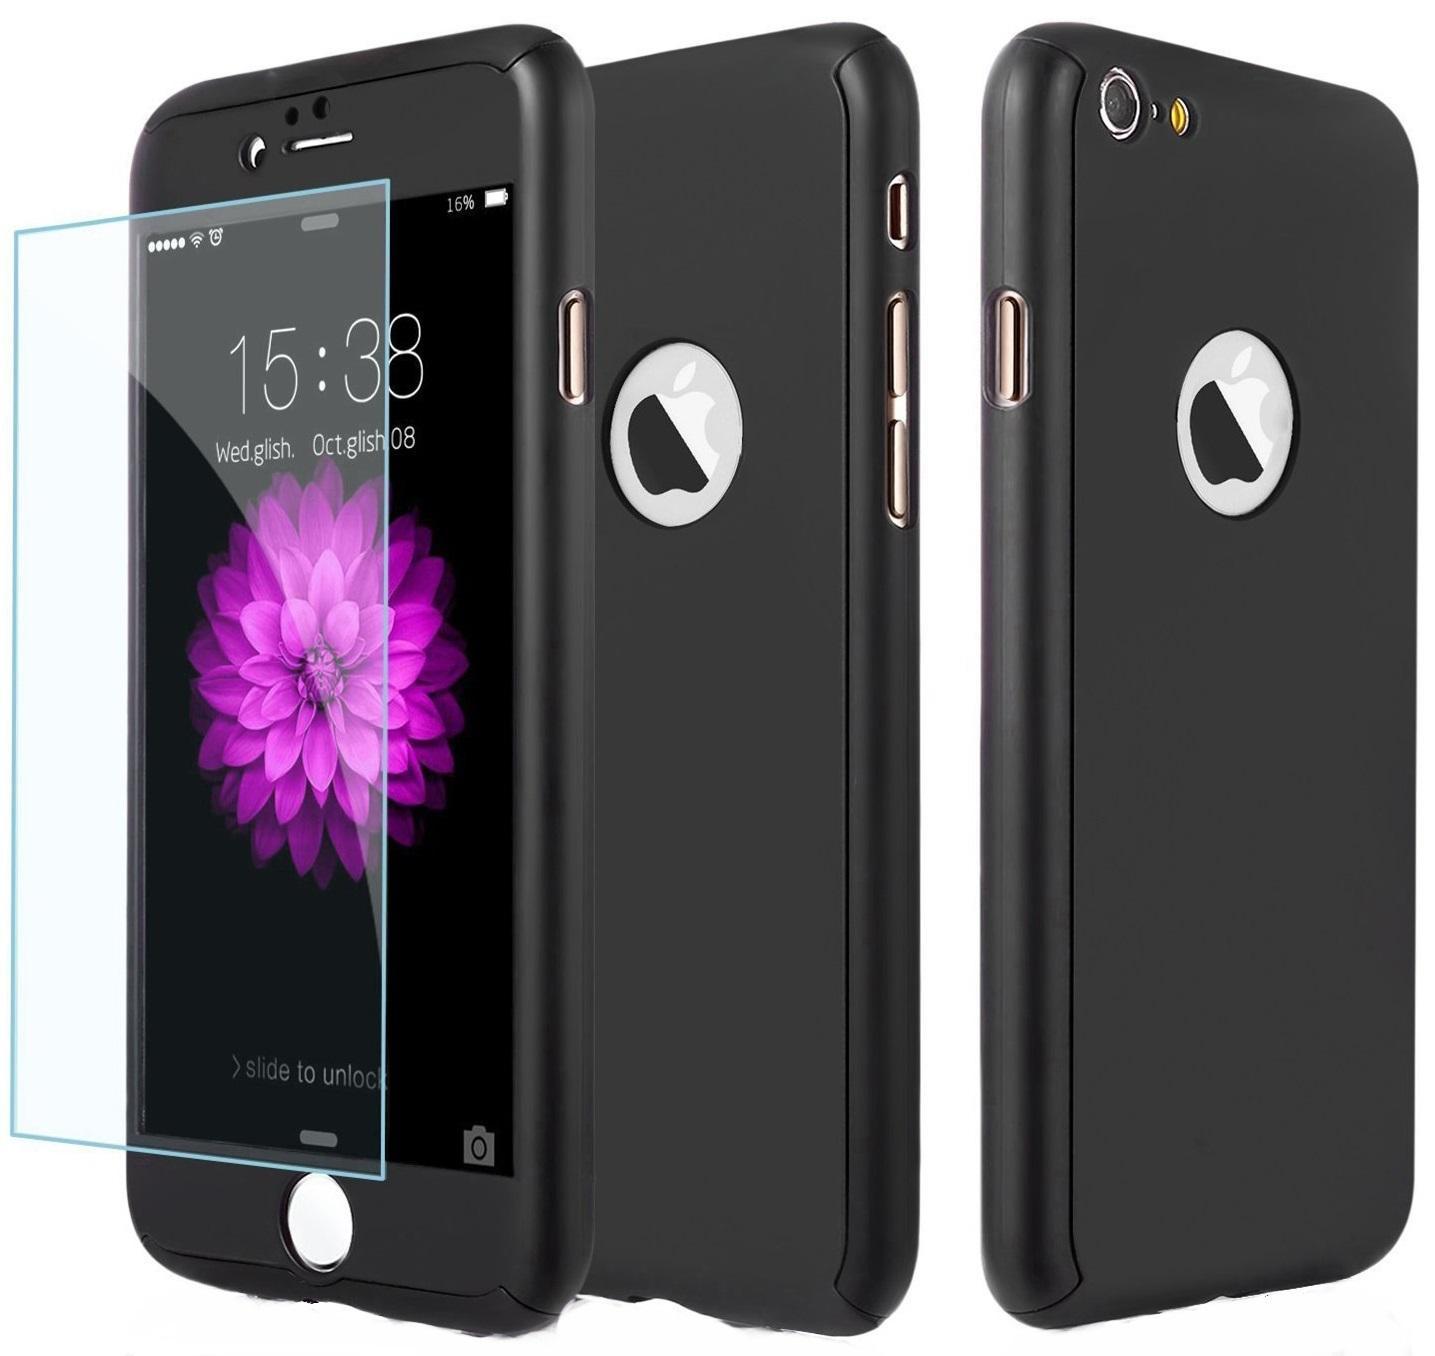 husa-full-cover-360-fata-spate-geam-sticla-pentru-apple-iphone-7-negru-190-9738